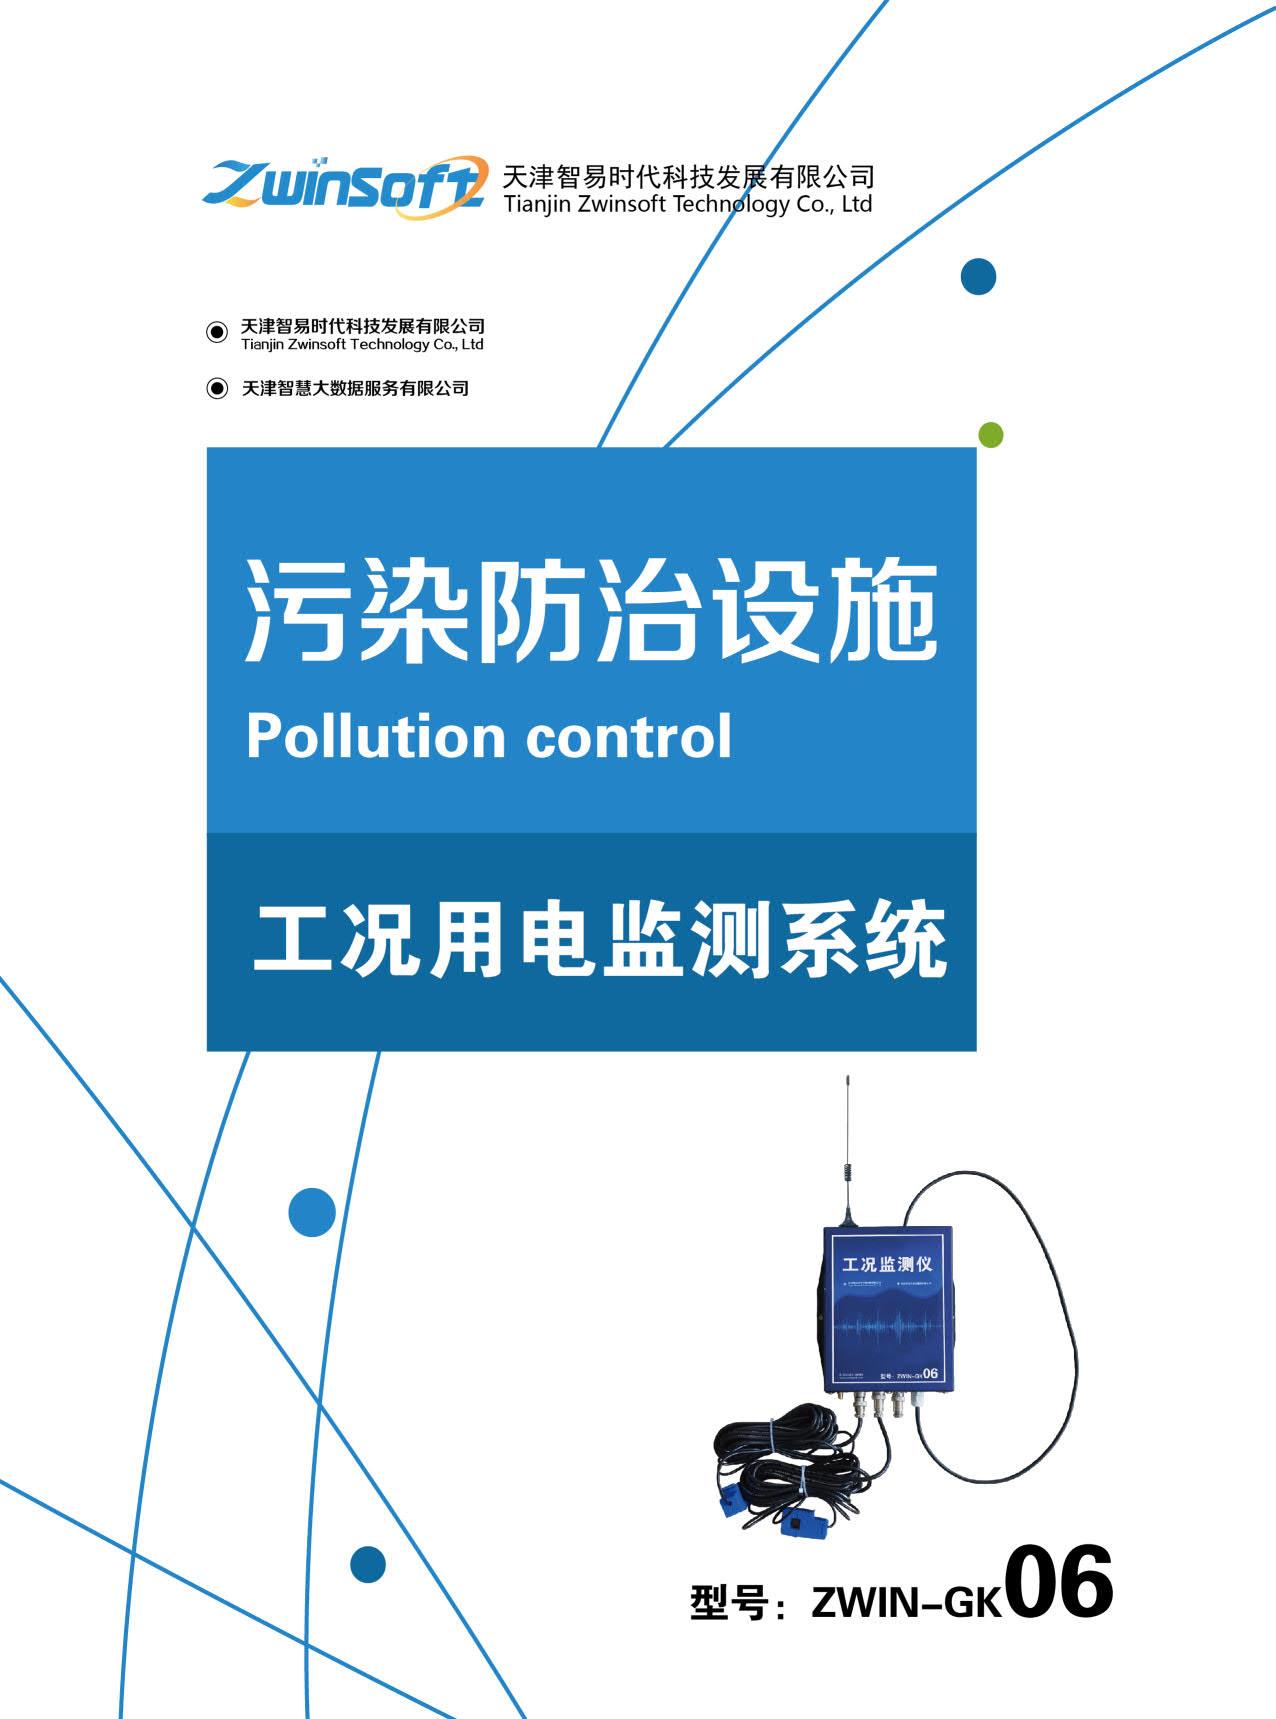 污染防治设施-ZWIN-GK06工况用电监测系统